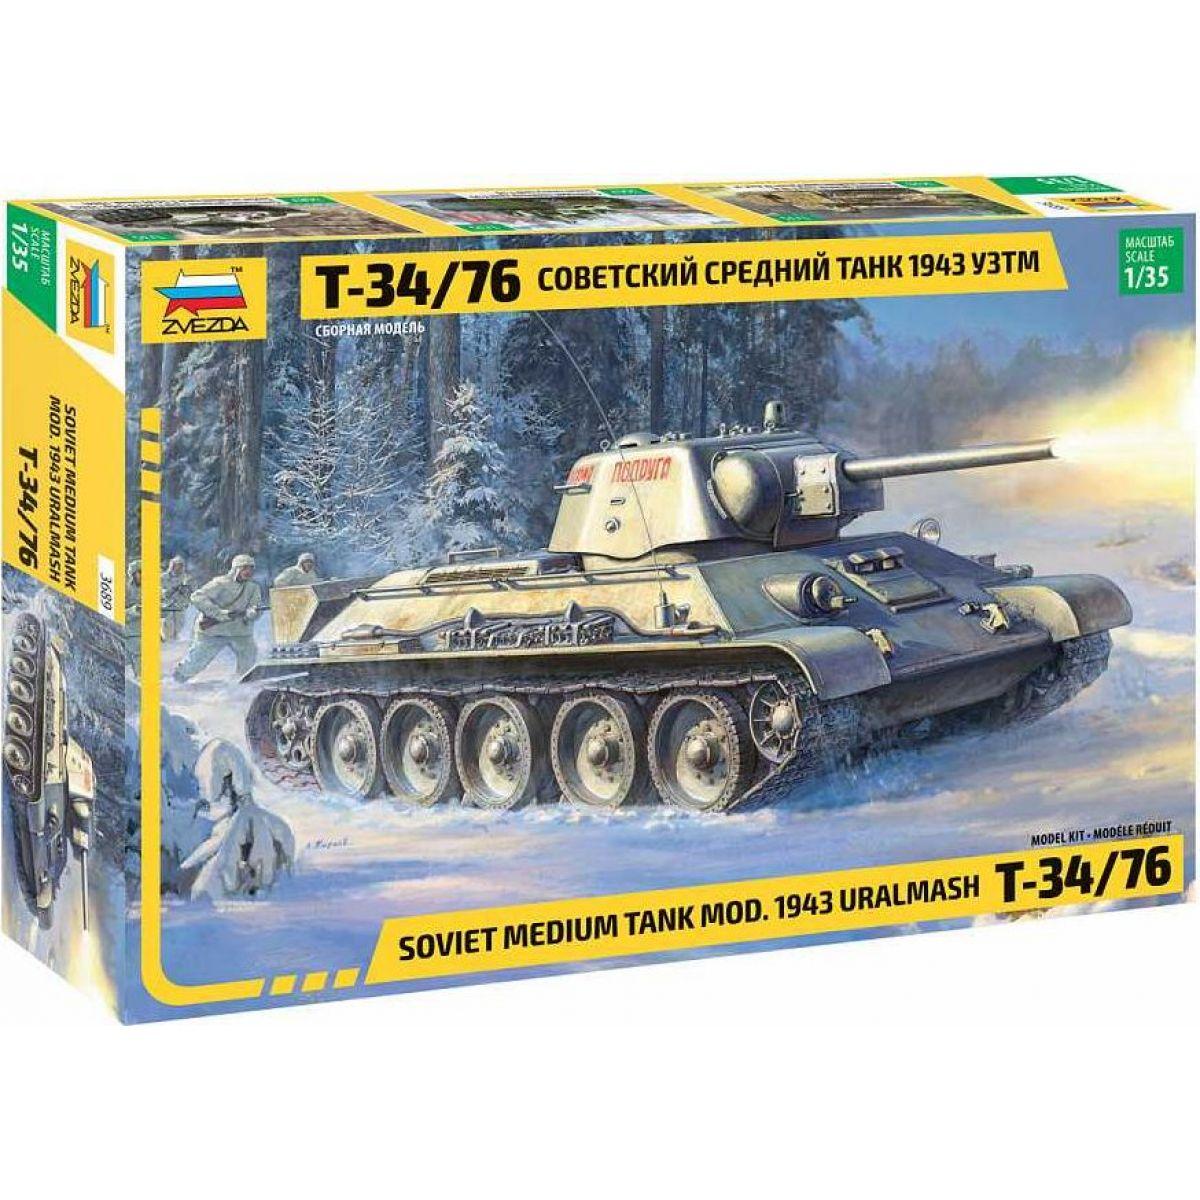 Zvezda Model Kit tank T-34 76 mod.1943 Uralmash 1:35